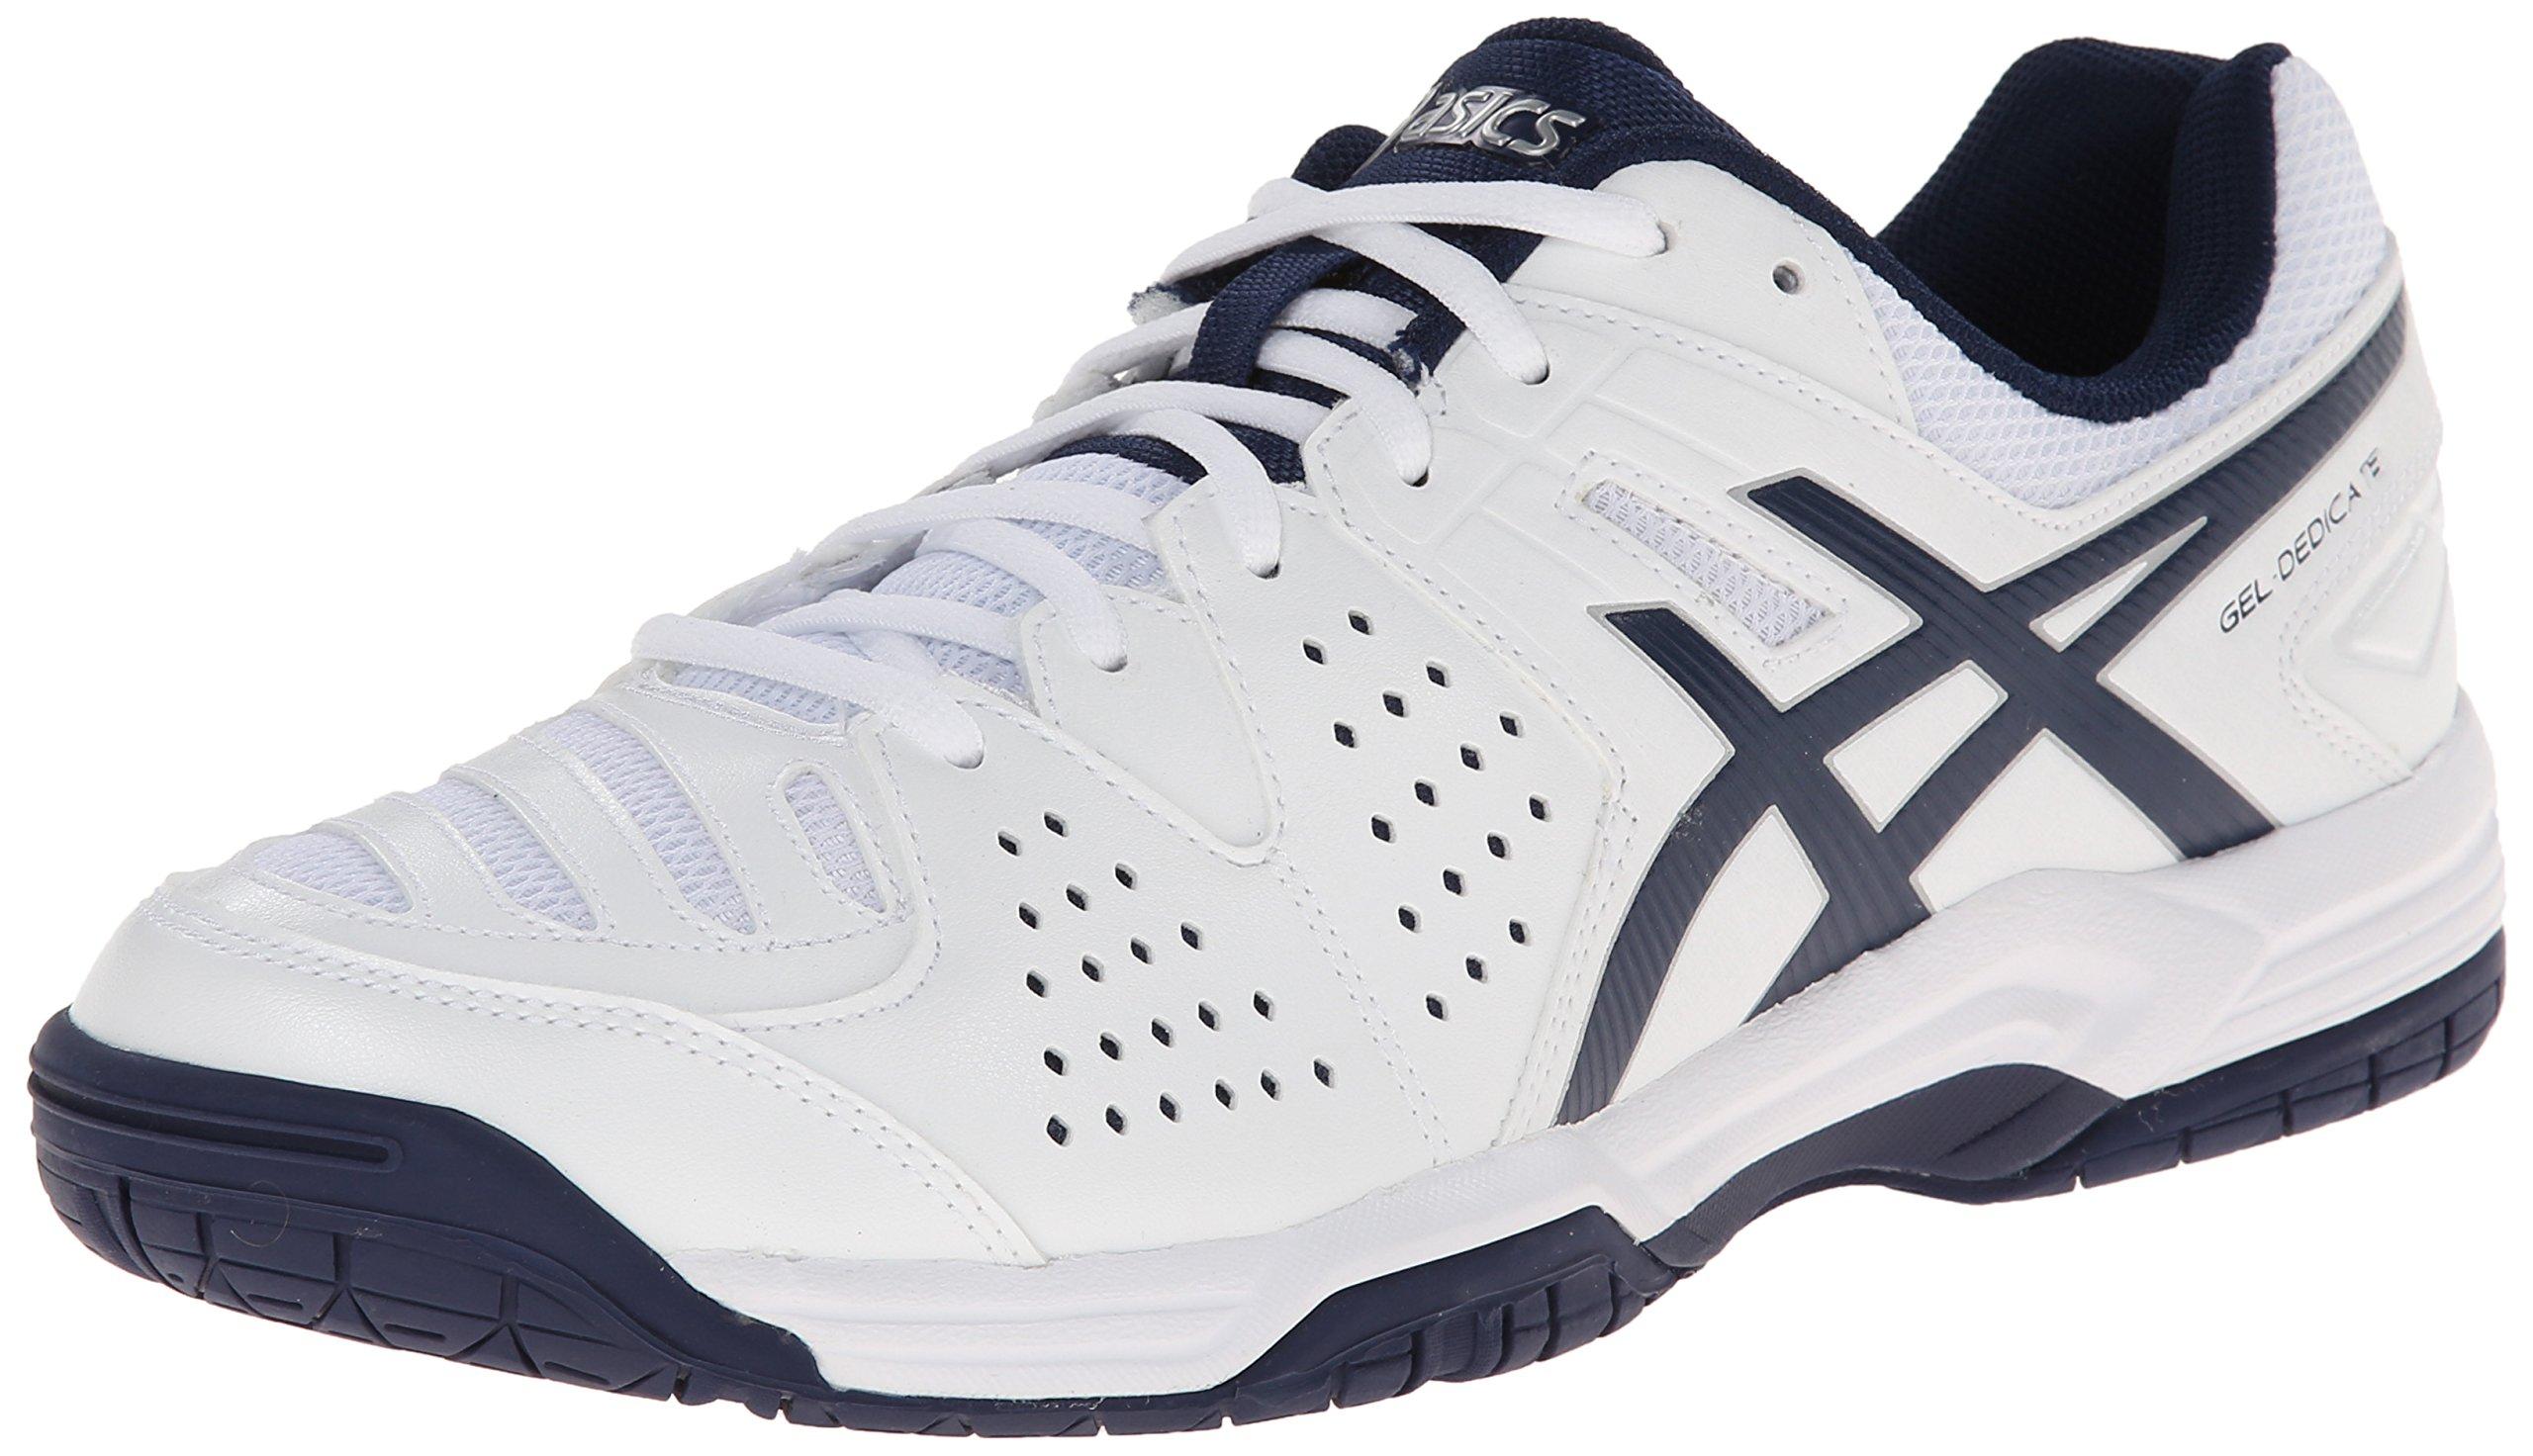 Asics Gel Dedicate  Tennis Shoe Size